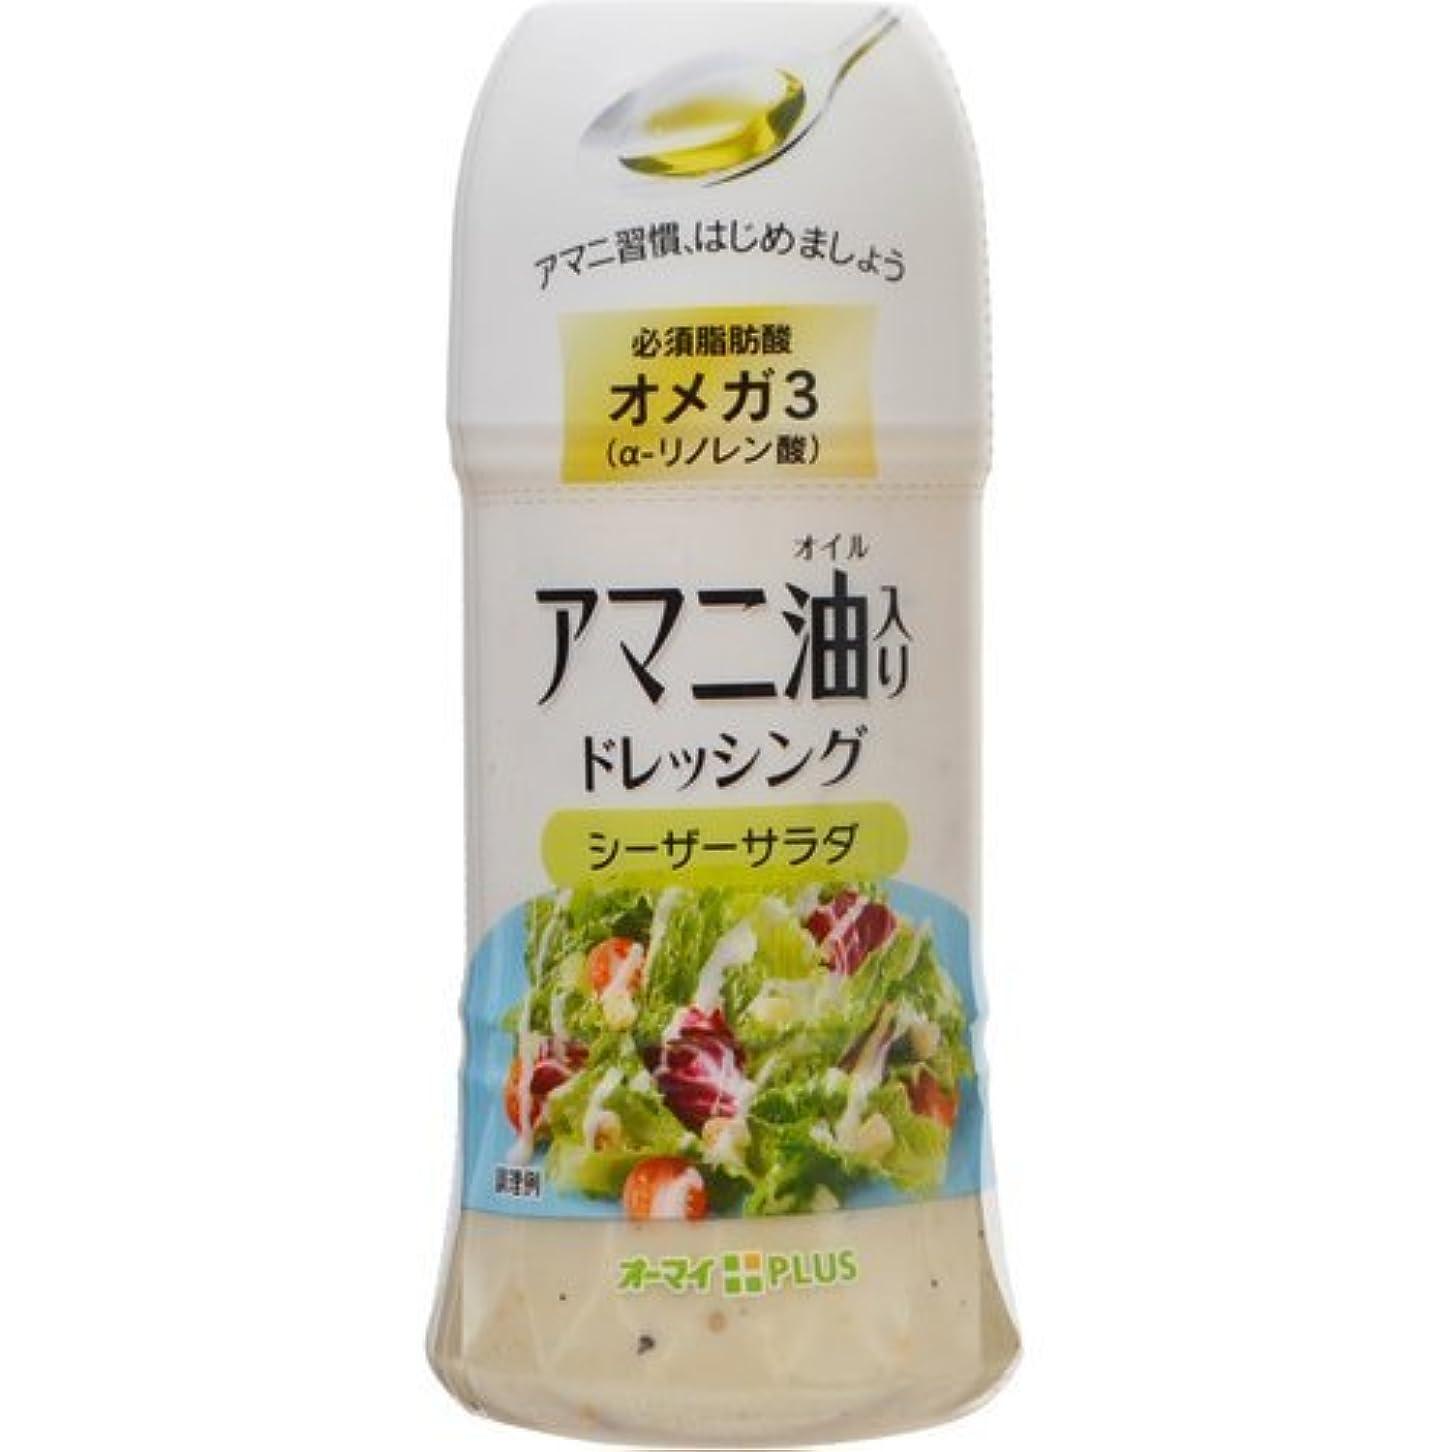 キルト床を掃除する盗難アマニ油入り ドレッシング シーザーサラダ【6セット】